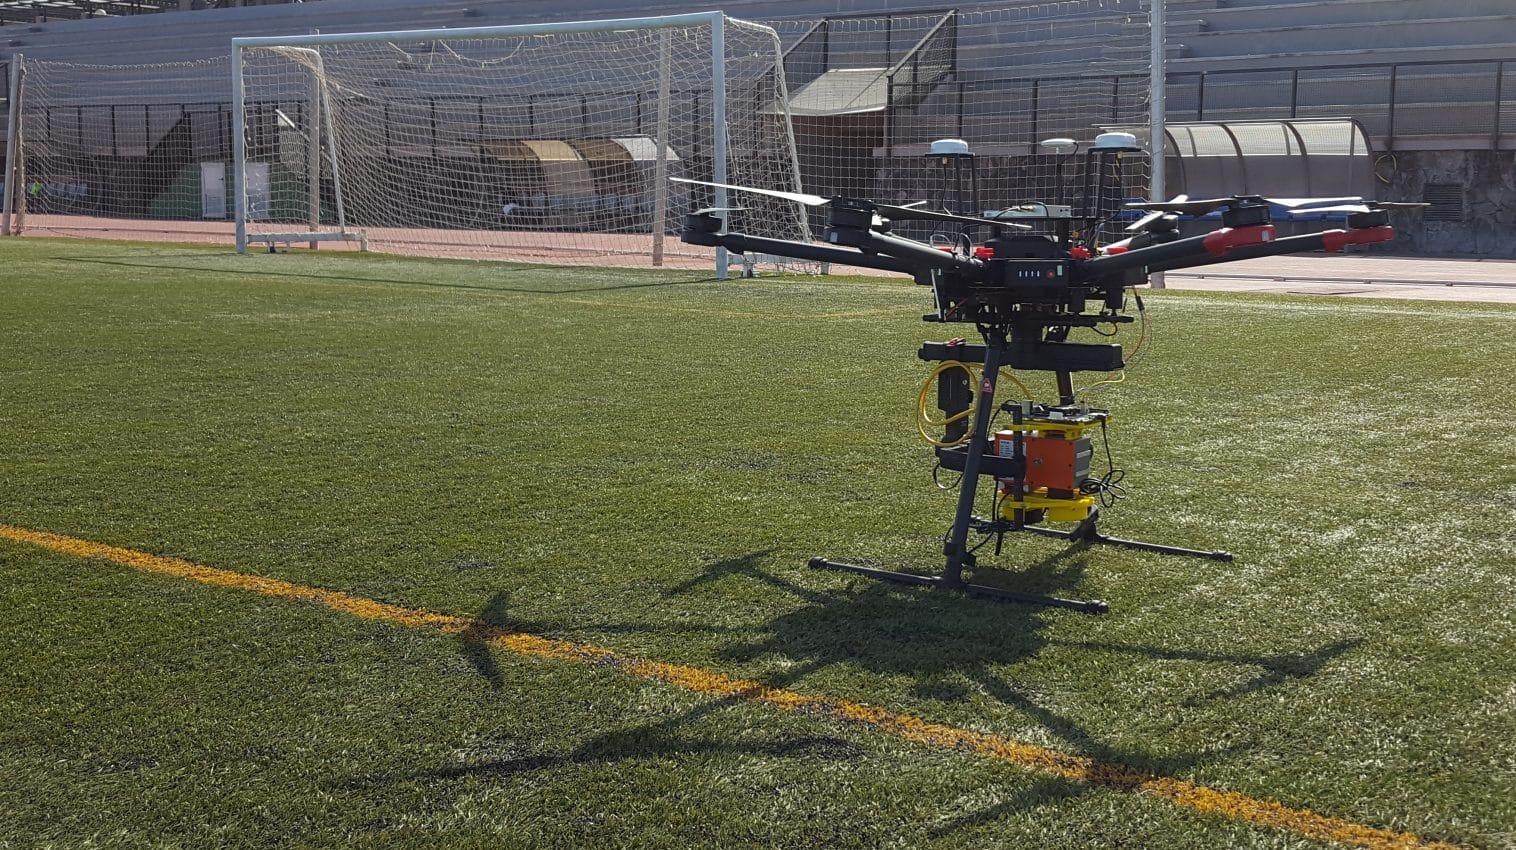 IoT in drones